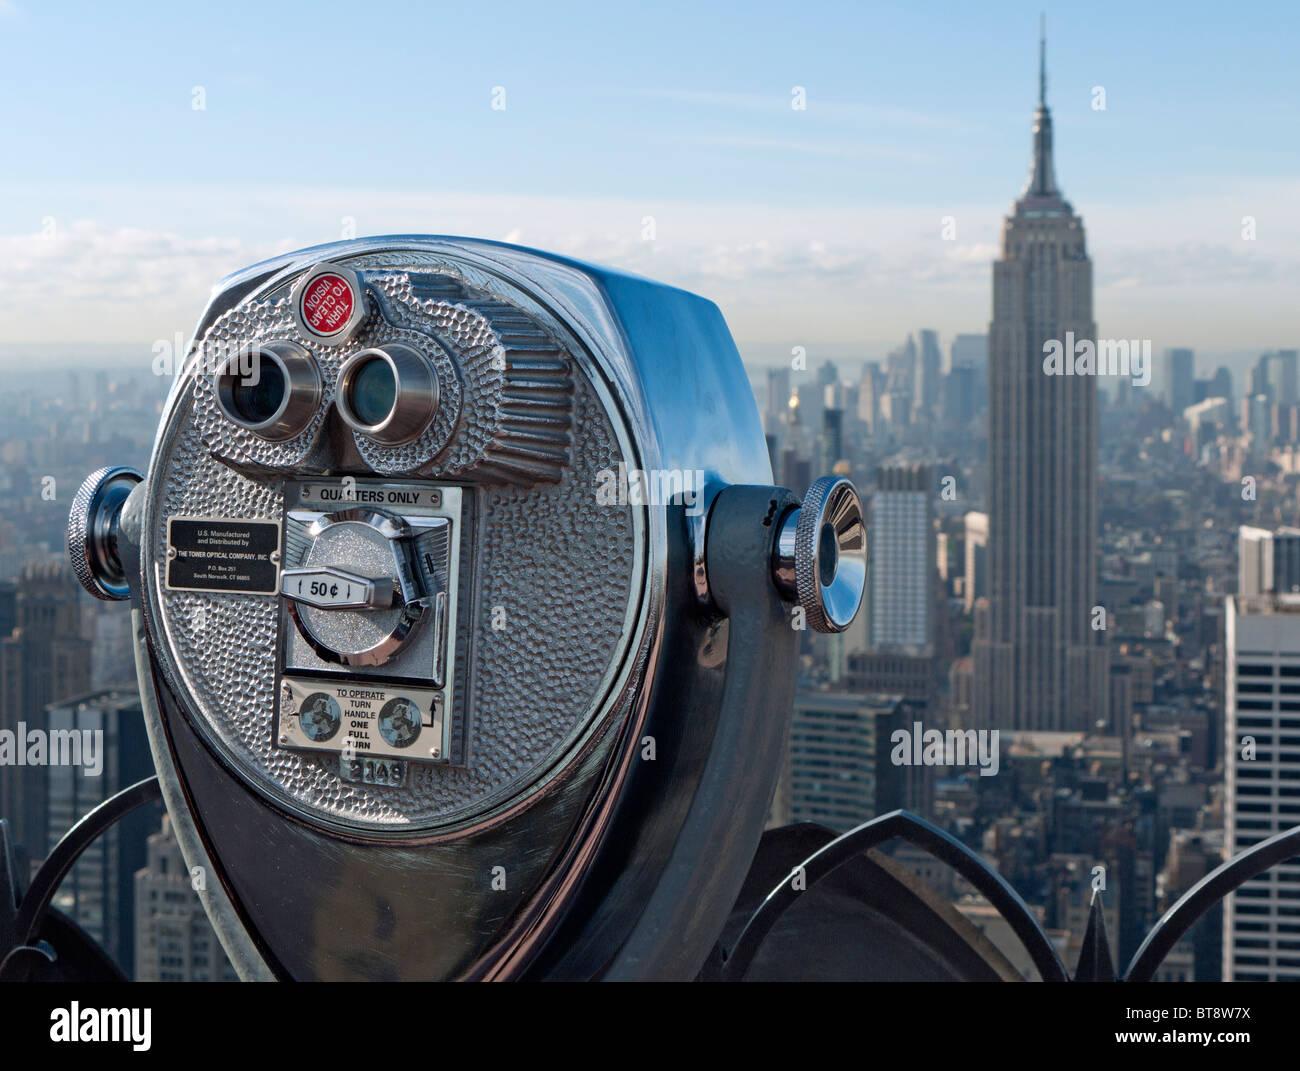 L'affichage public des jumelles à monnayeur sur le dessus de la roche plate-forme d'observation au Rockefeller Center Banque D'Images